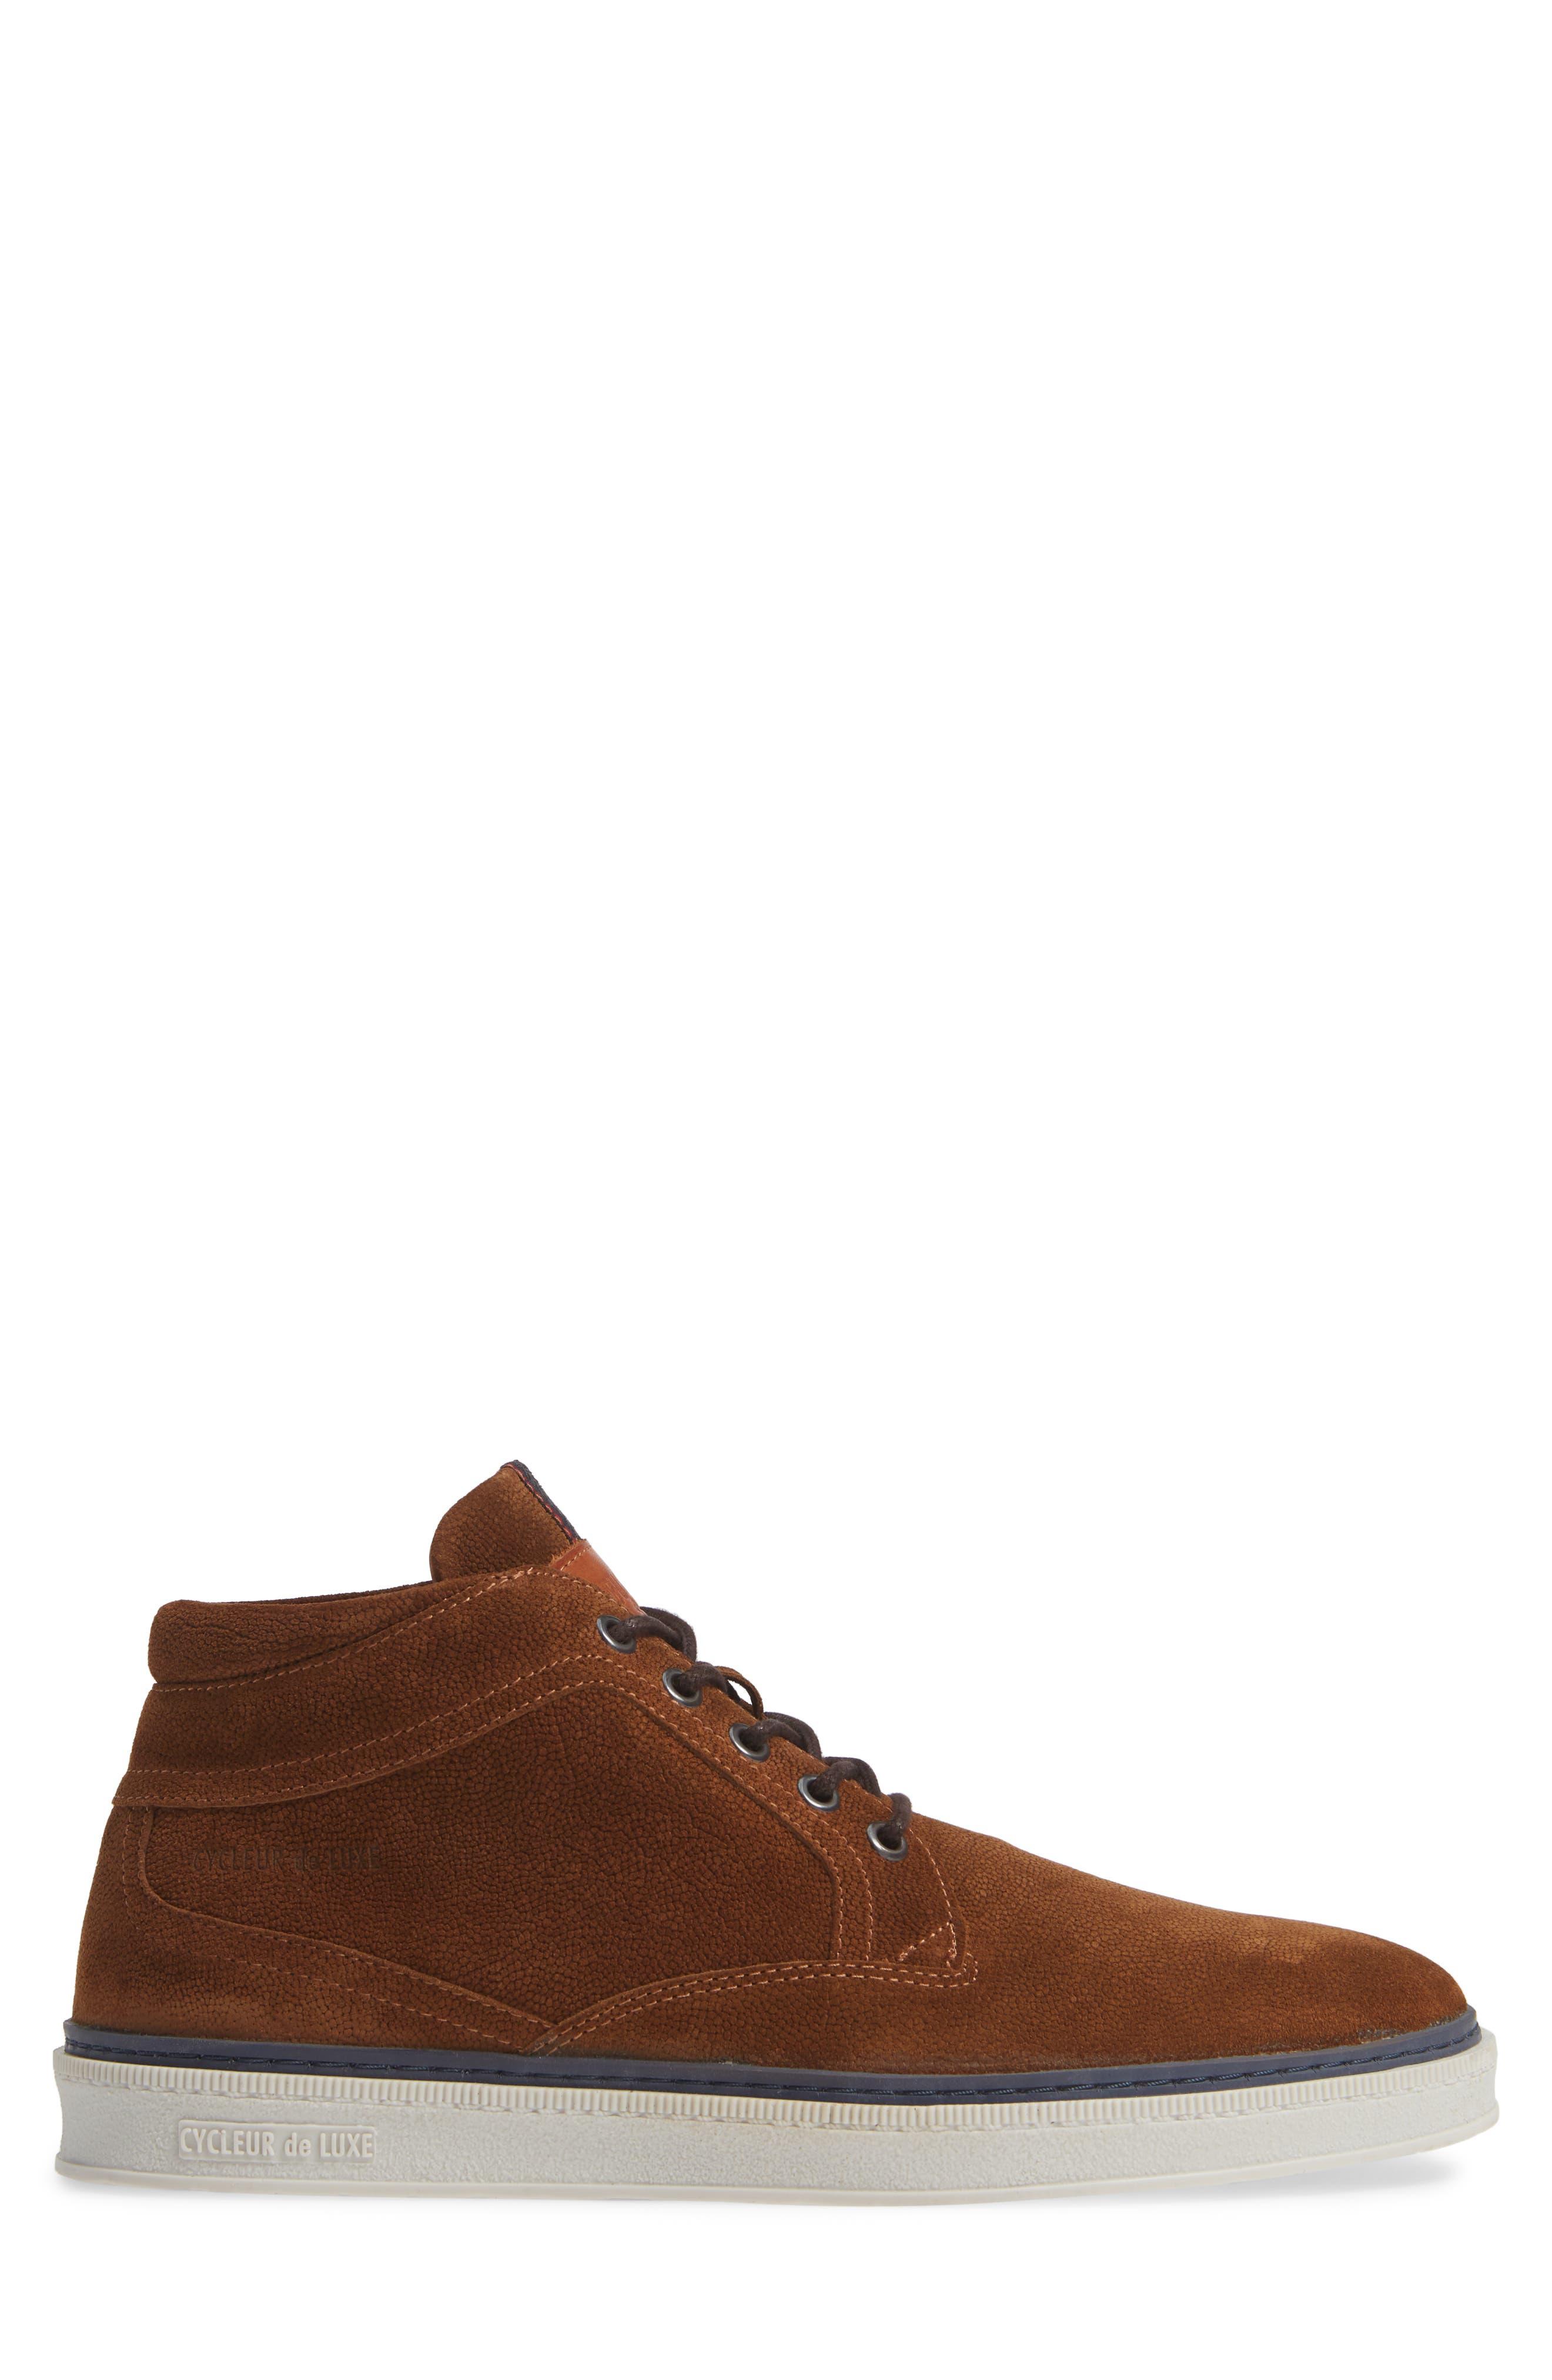 Bilbao Sneaker,                             Alternate thumbnail 3, color,                             COGNAC